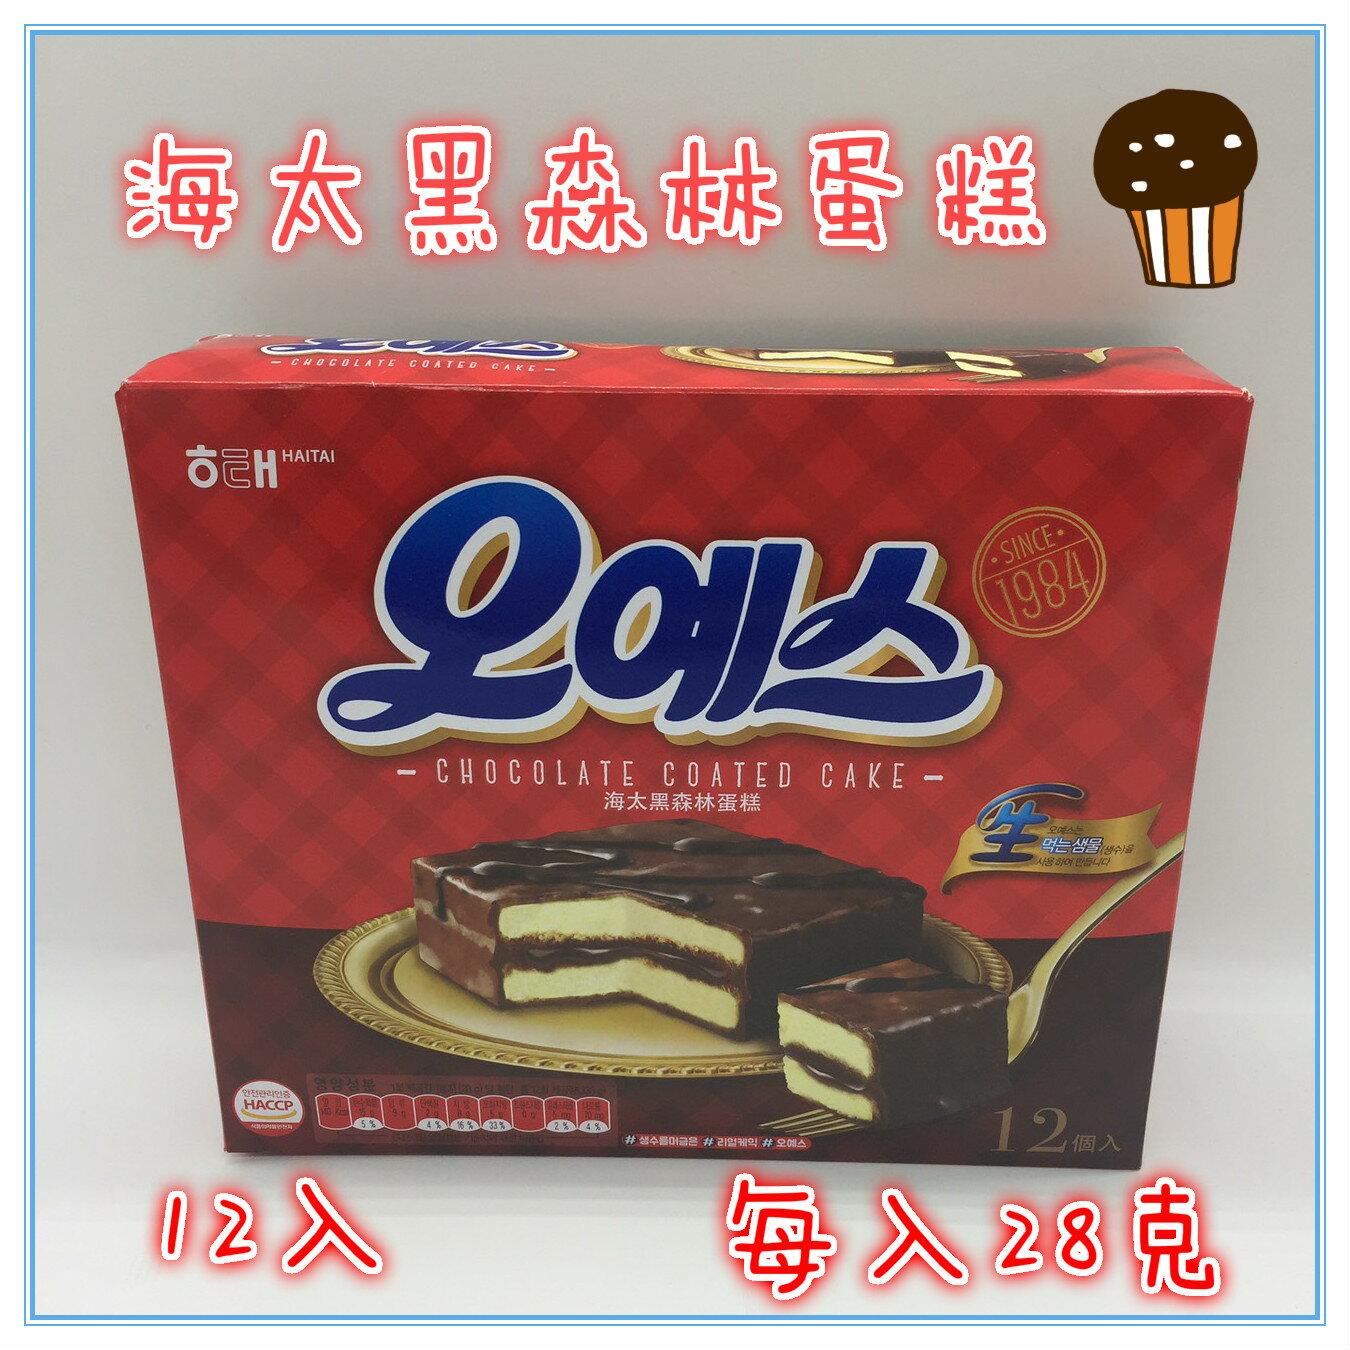 ?含發票?韓國超火熱?海太黑森林蛋糕原味?一盒336克?韓國熱銷 巧克力 點心 派 鬆軟?